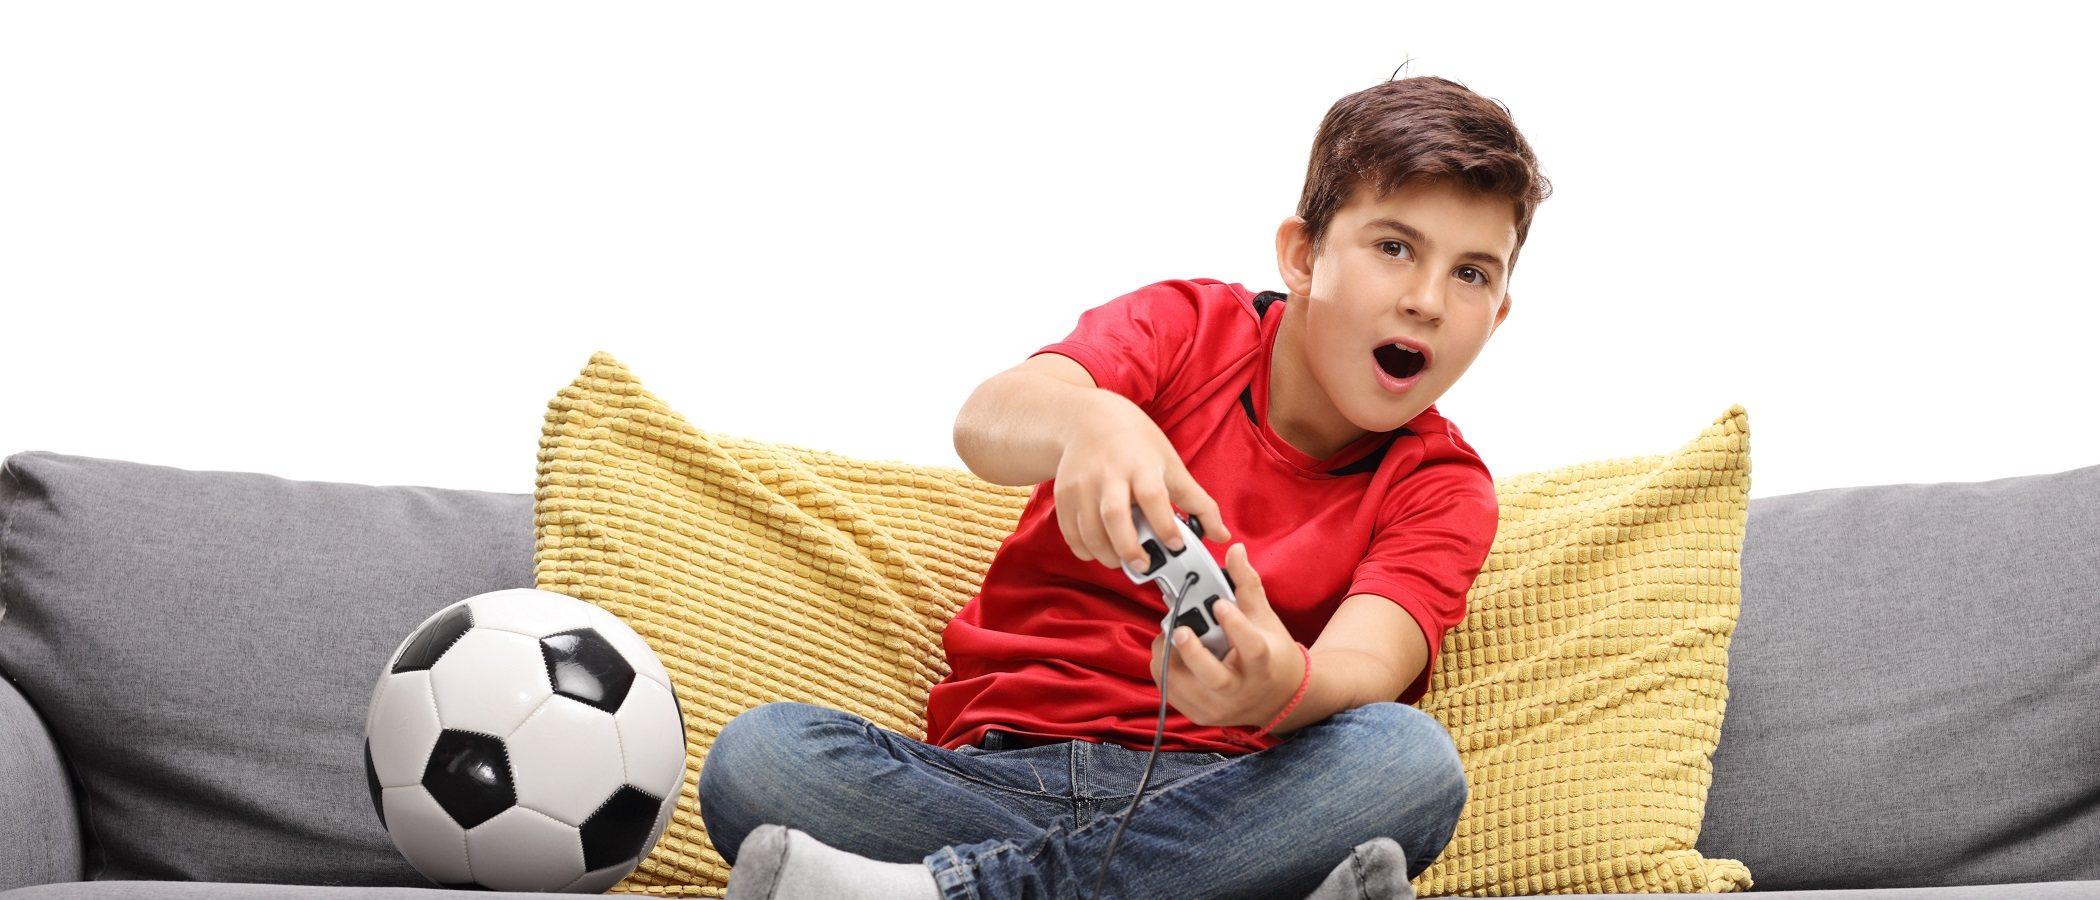 Los juegos de ordenador, ¿cómo afectan a los niños?